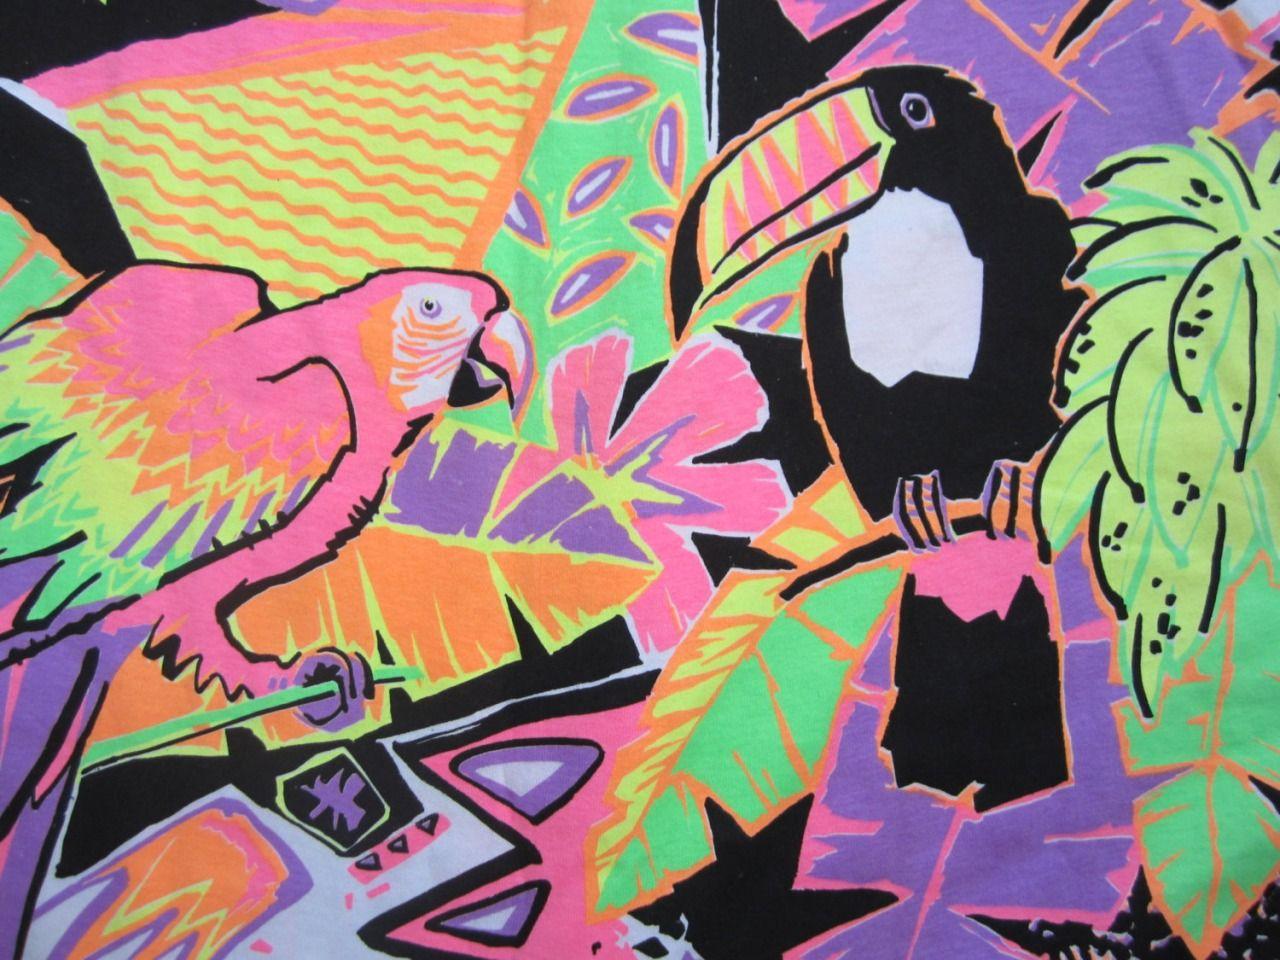 Libretas De Dibujo De Un Artista Freelance: Pin De Alejandro Principal Puigmarti En 80's